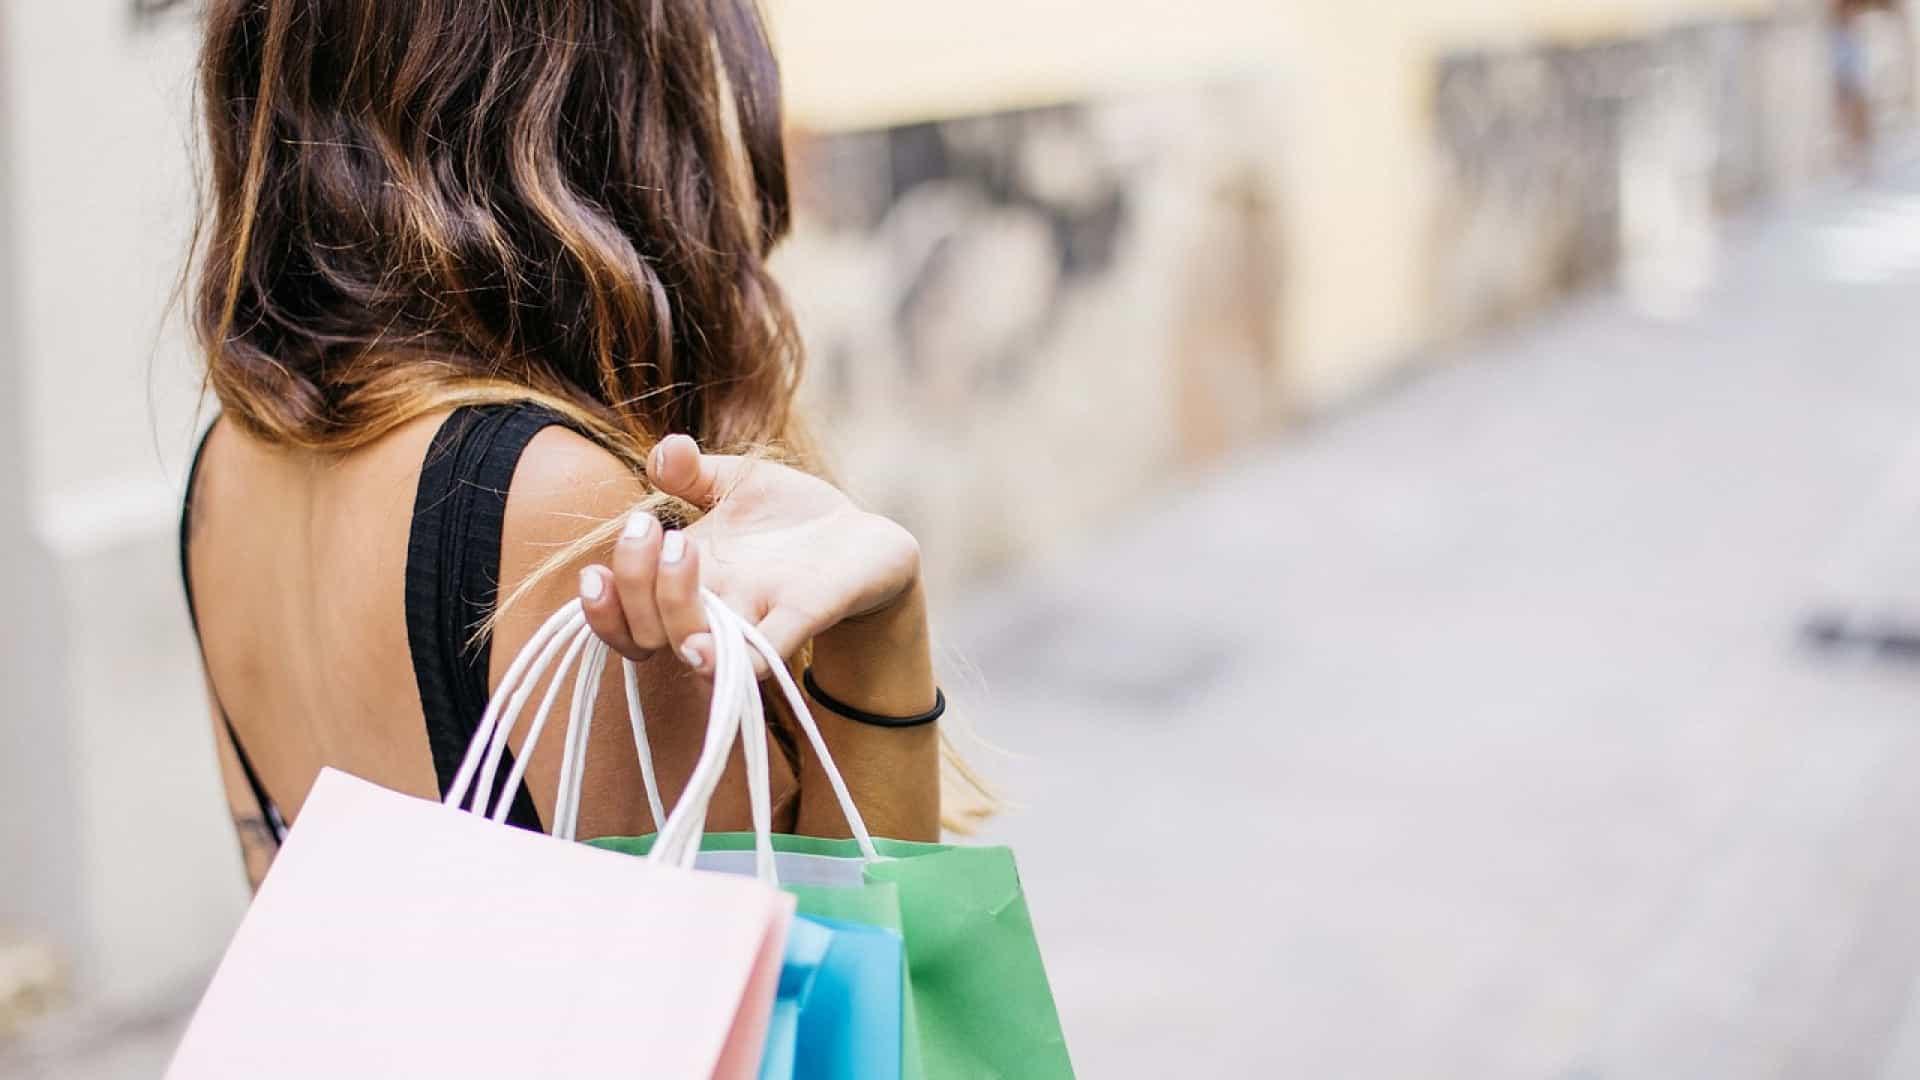 Entreprises et commerçants : pourquoi proposer des objets publicitaires personnalisés comme le tote bag ?